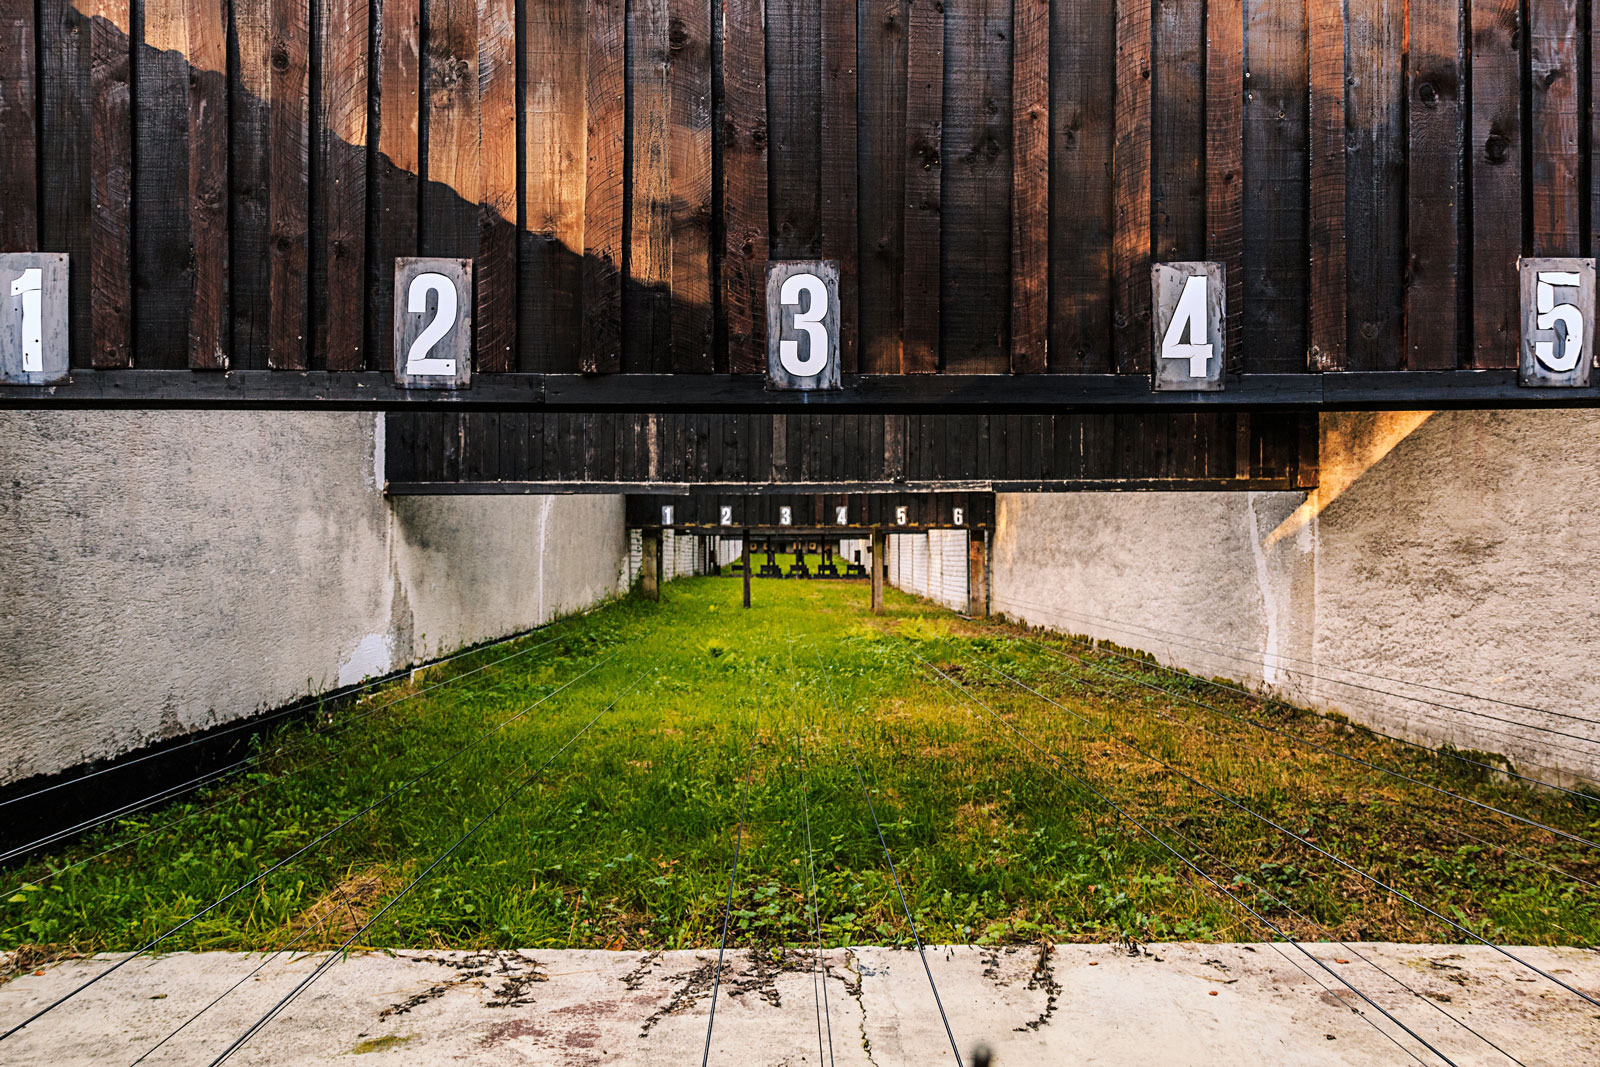 Bild vom 50/100 m Kleinkaliber Schießstand vom Altenvoeder Schützenverein